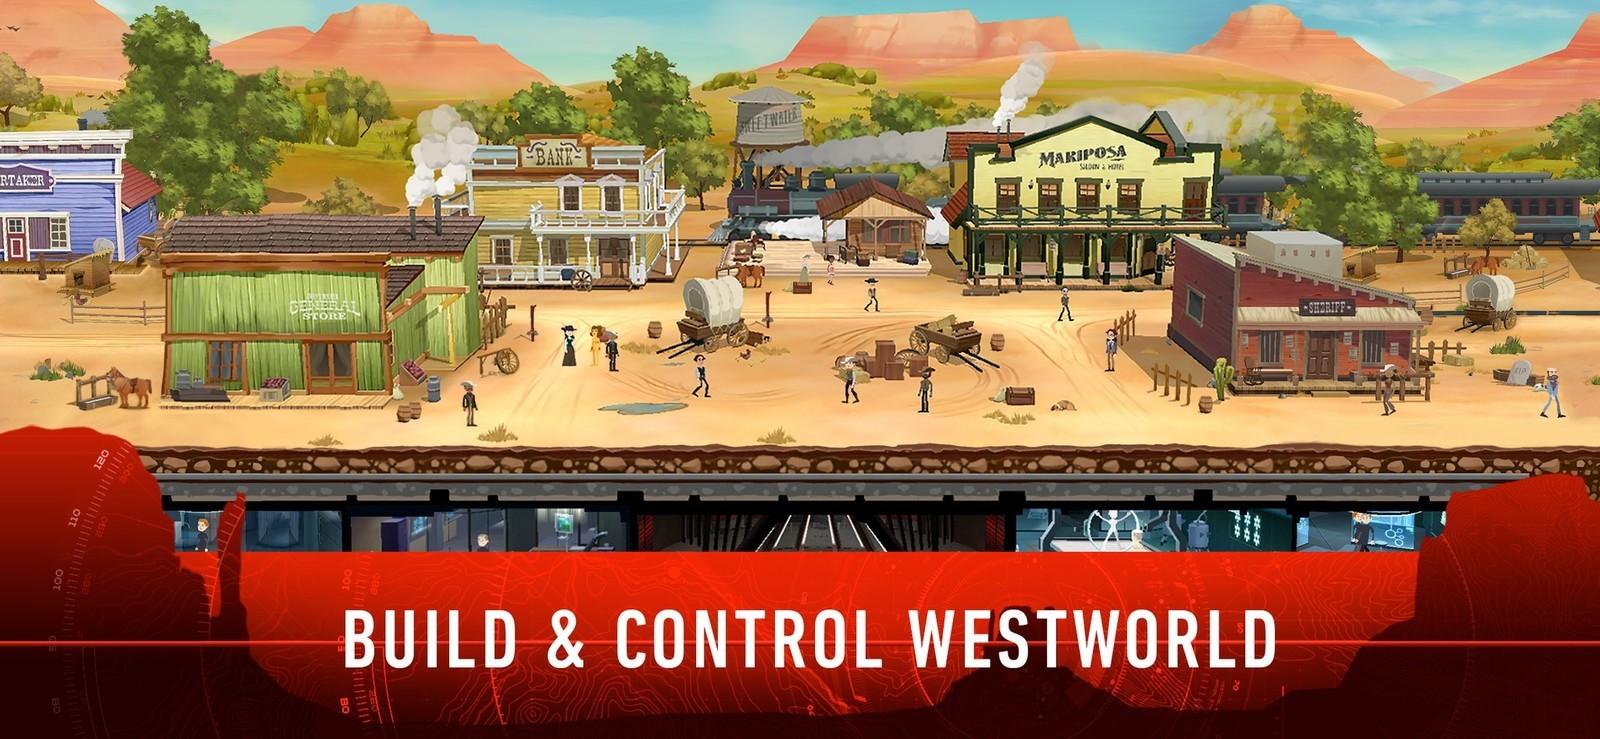 ساخت و کنترل دنیای غرب